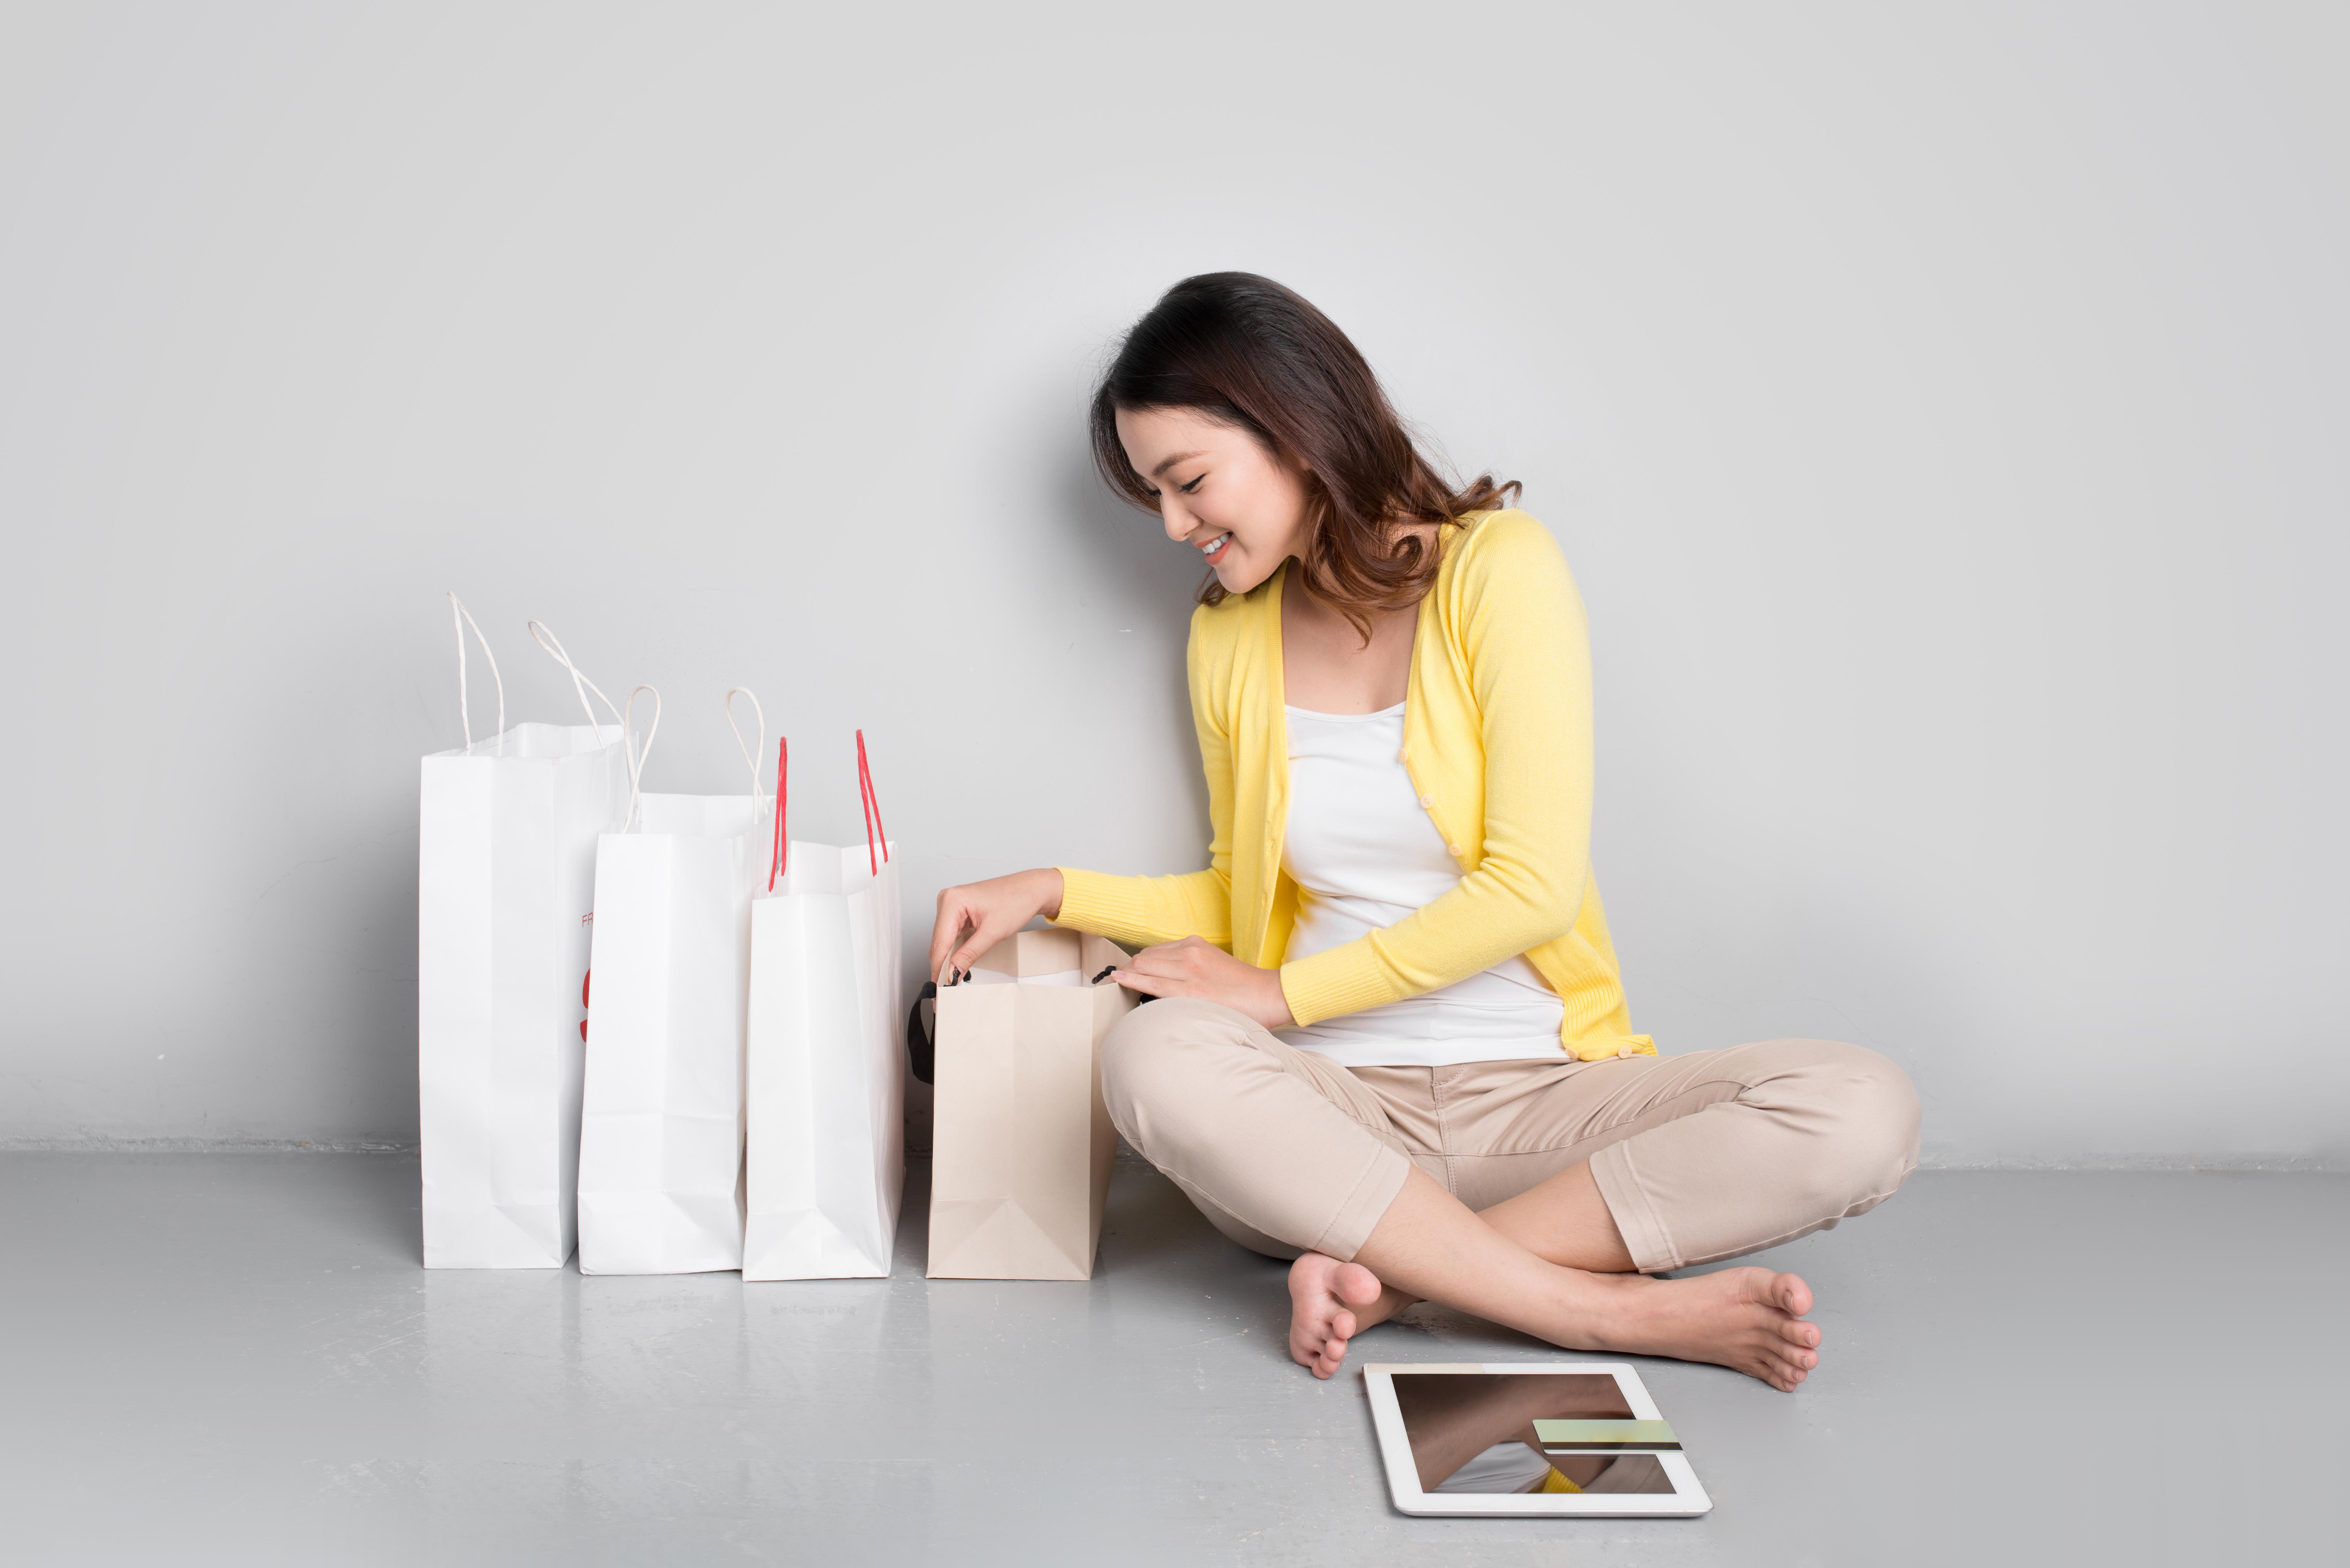 ซื้อของออนไลน์ ช้อปออนไลน์ ร้านเสื้อผ้าออนไลน์ เสื้อผ้าออนไลน์